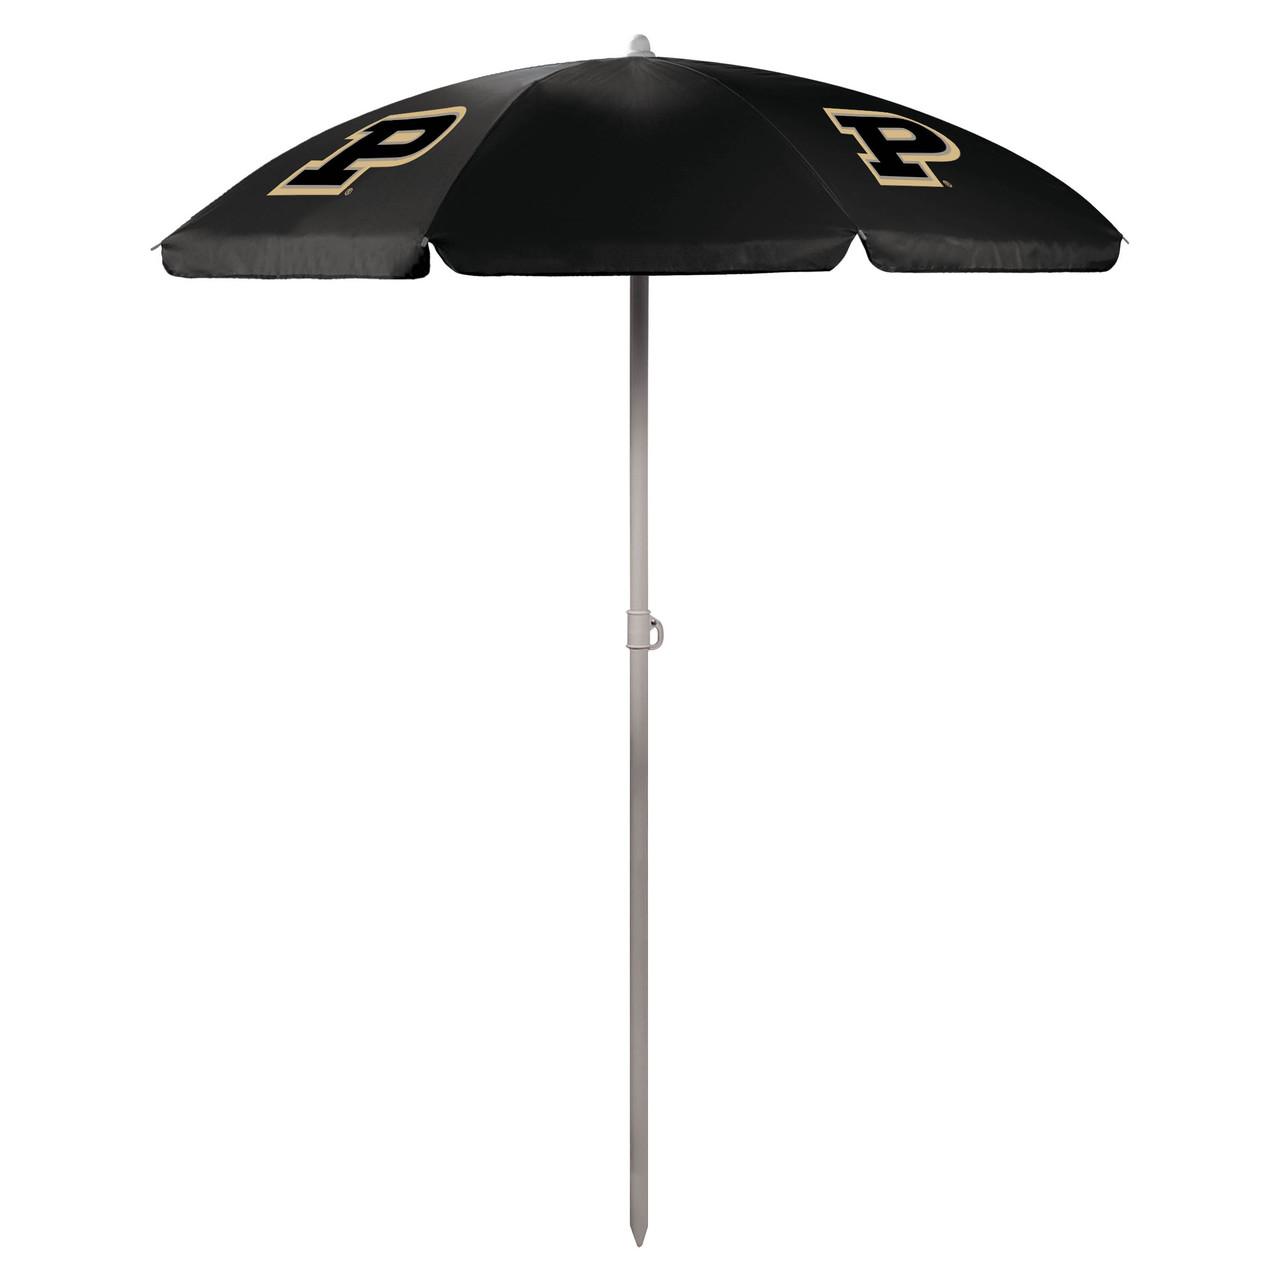 Umbrella - Purdue University